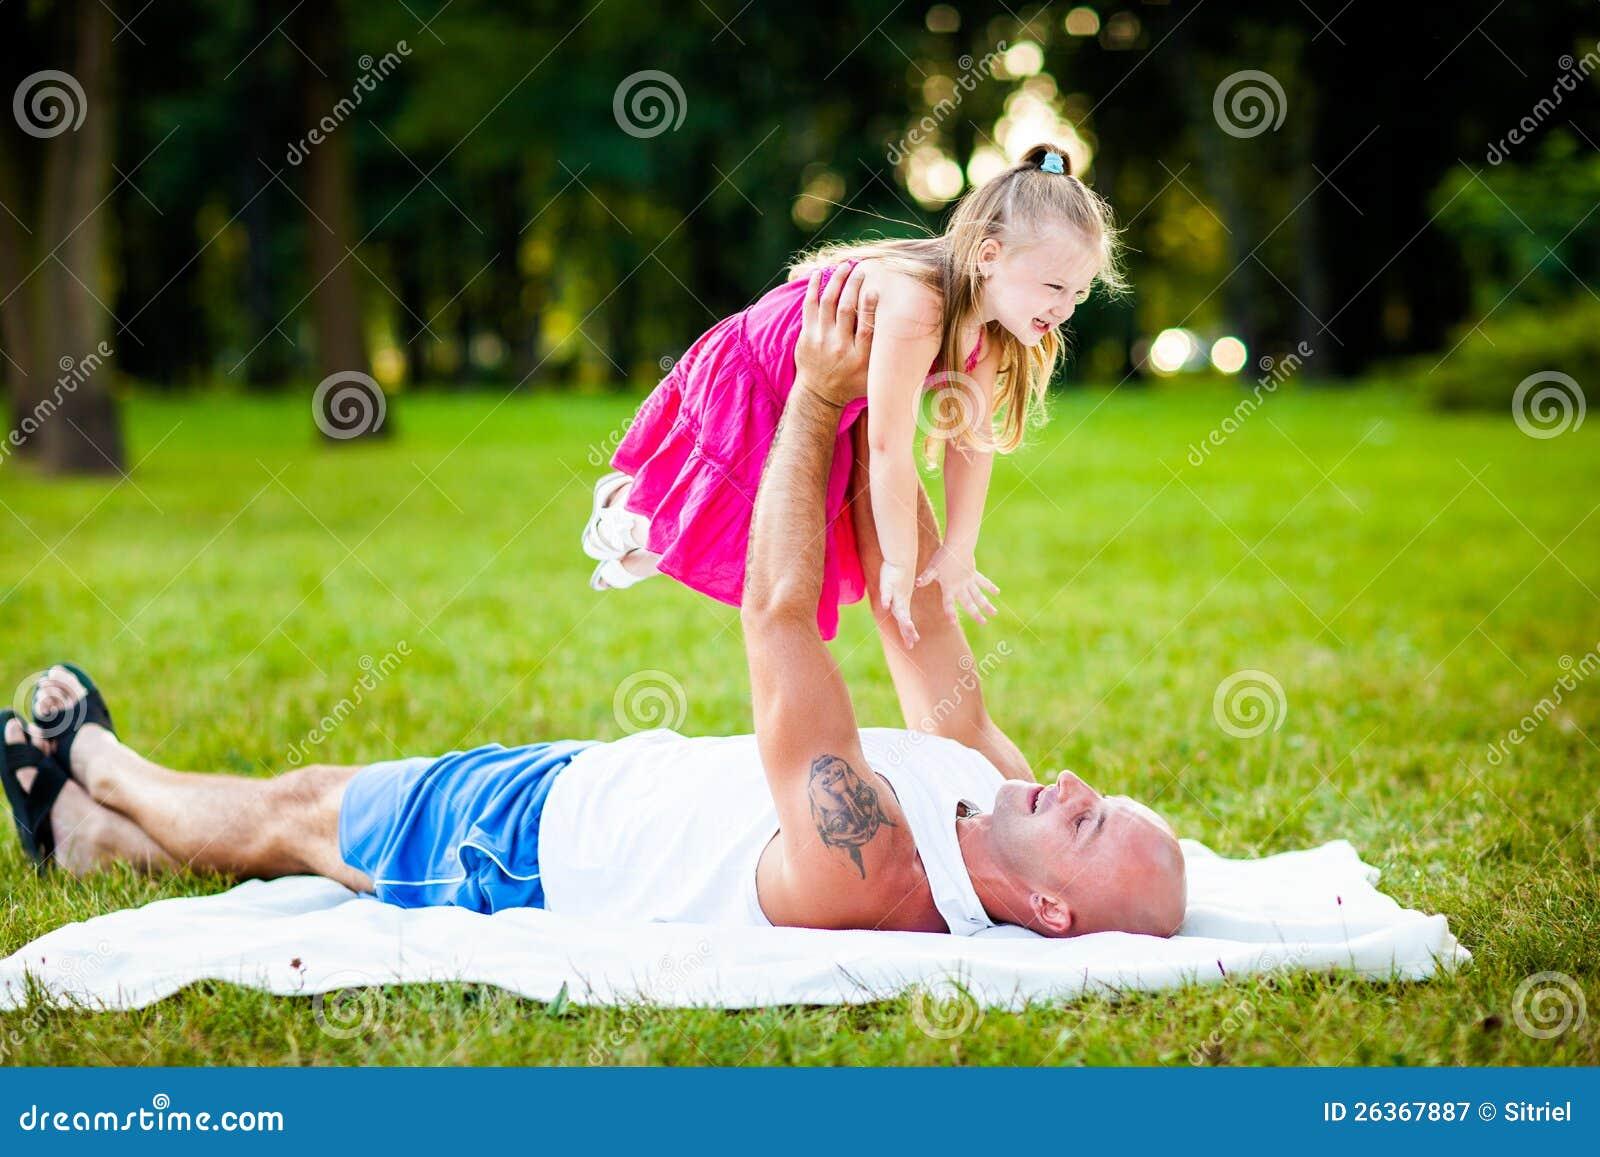 父亲和女儿获得乐趣在公园